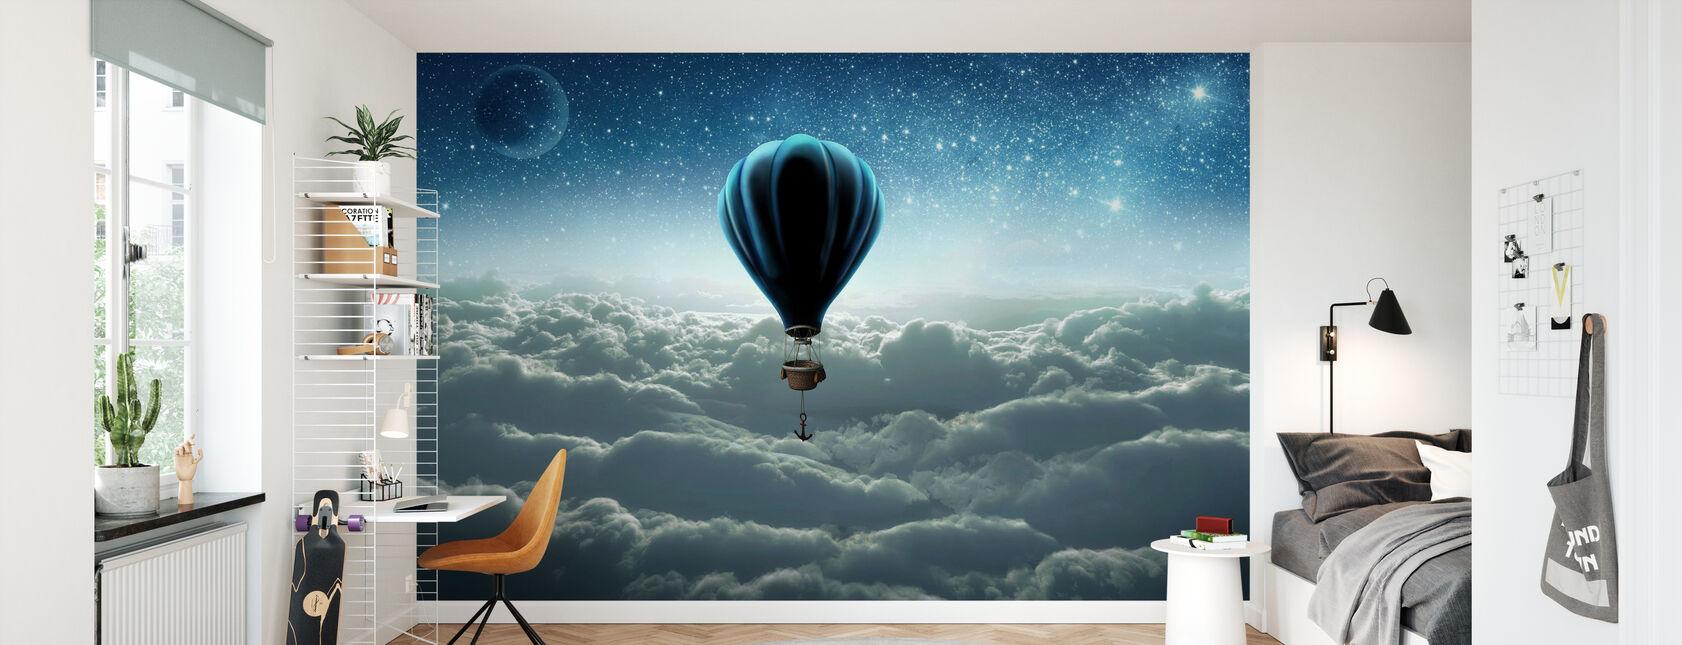 Hot Air Balloon - Wallpaper - Kids Room